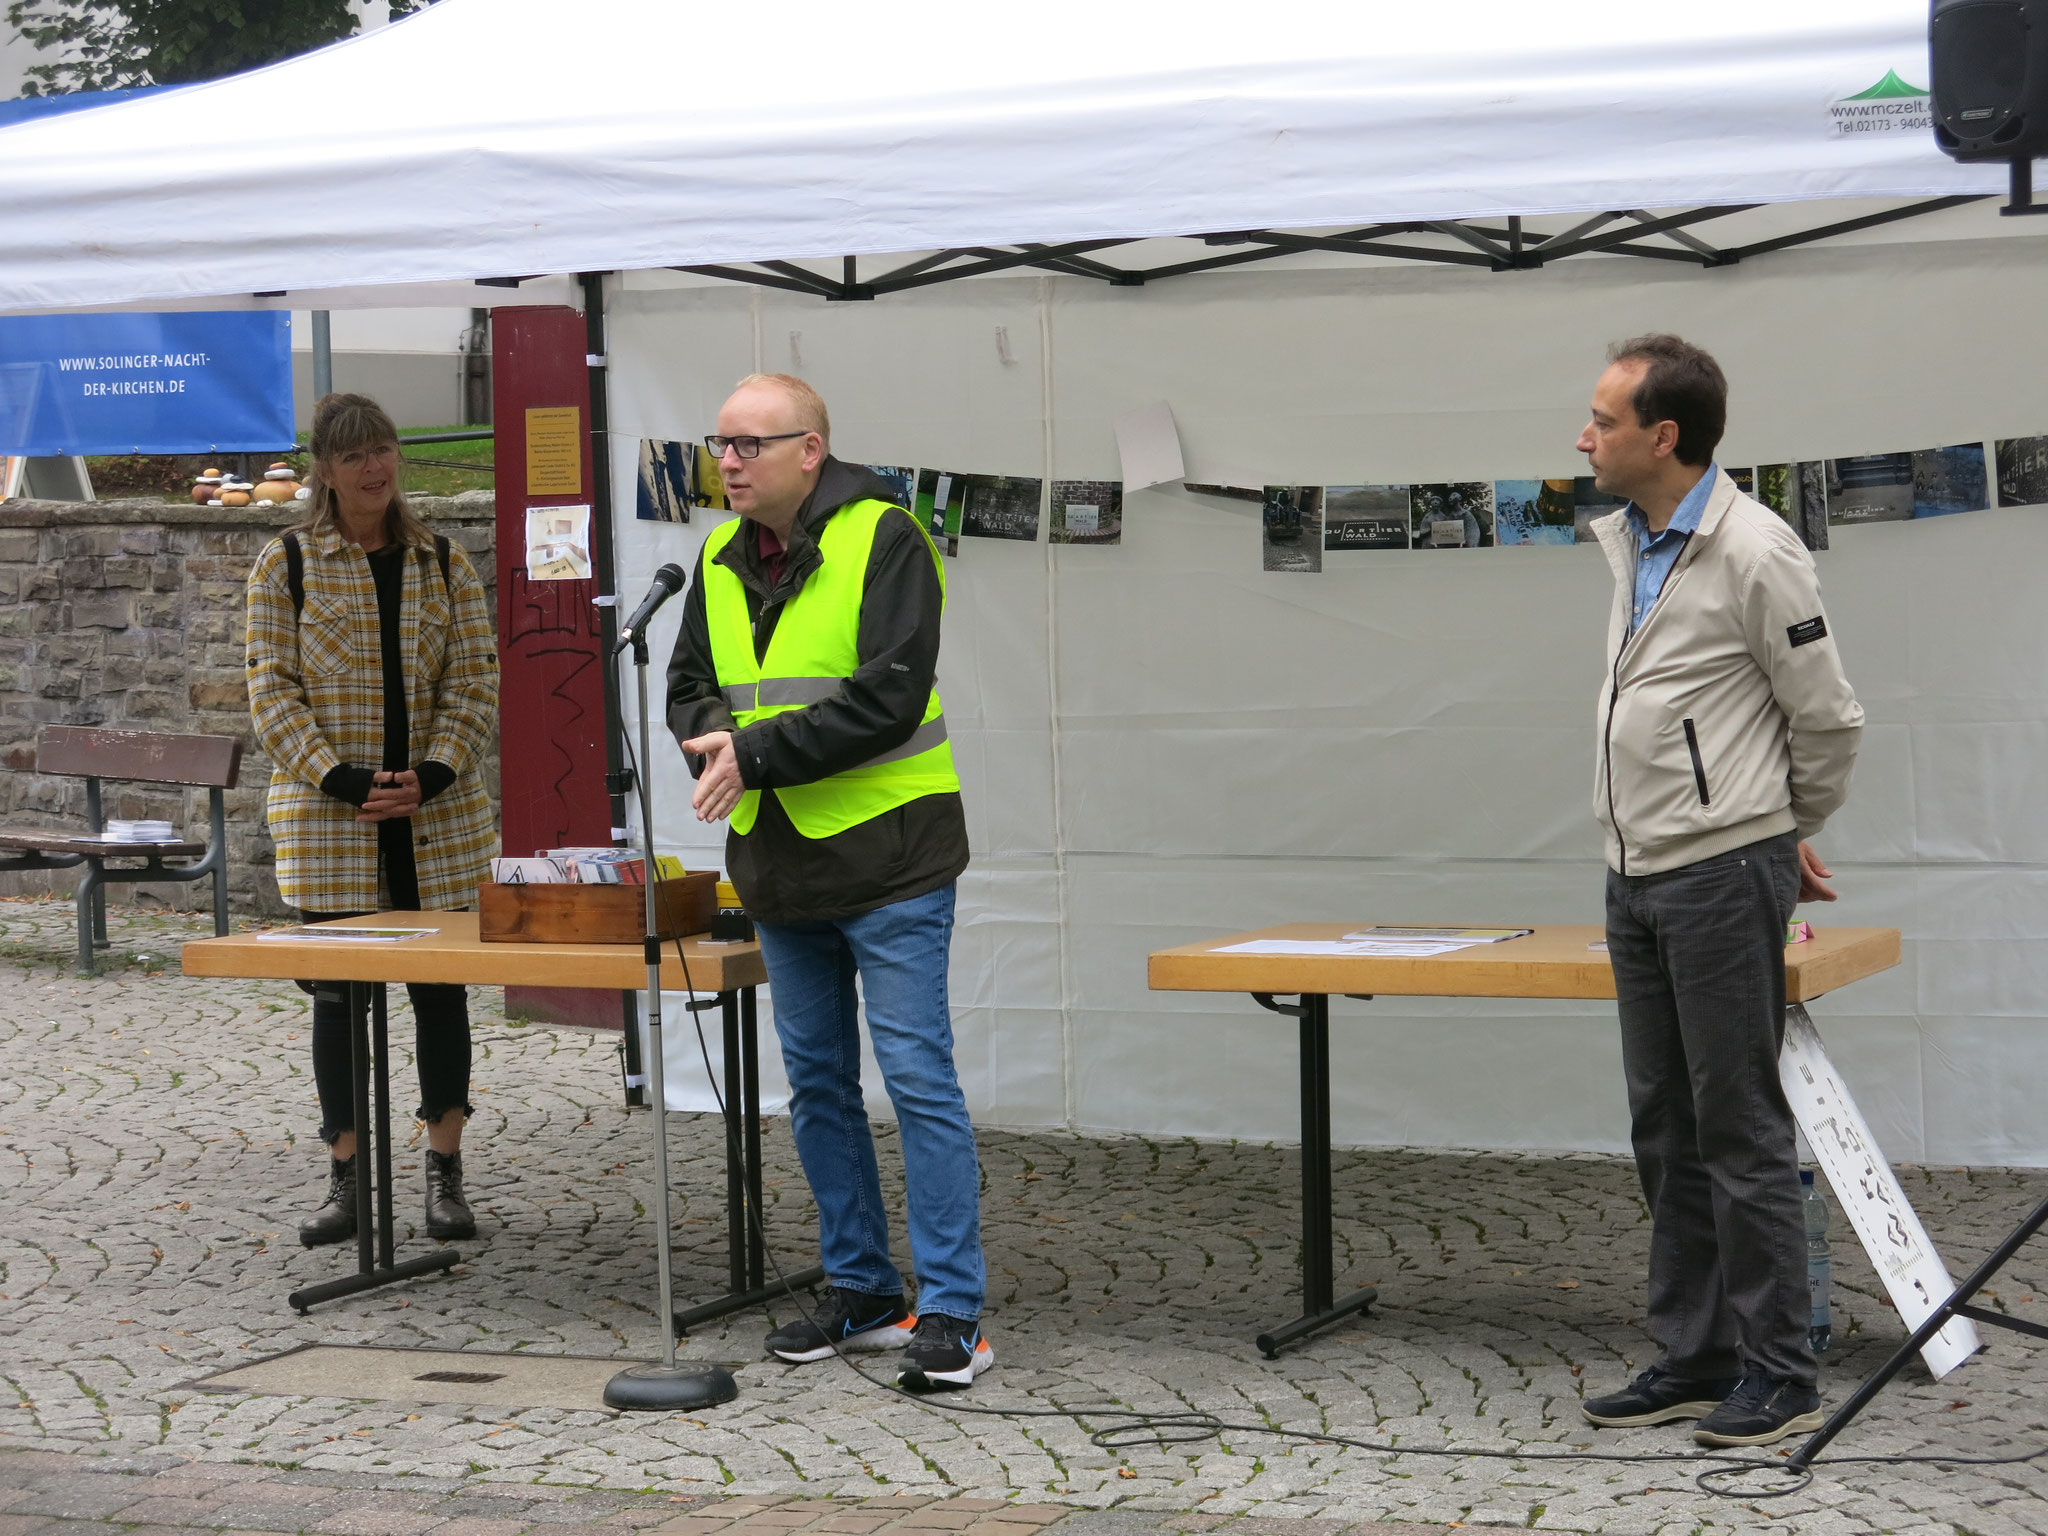 Begrüßung Markus Loerzer (Sparkasse SG-Wald)